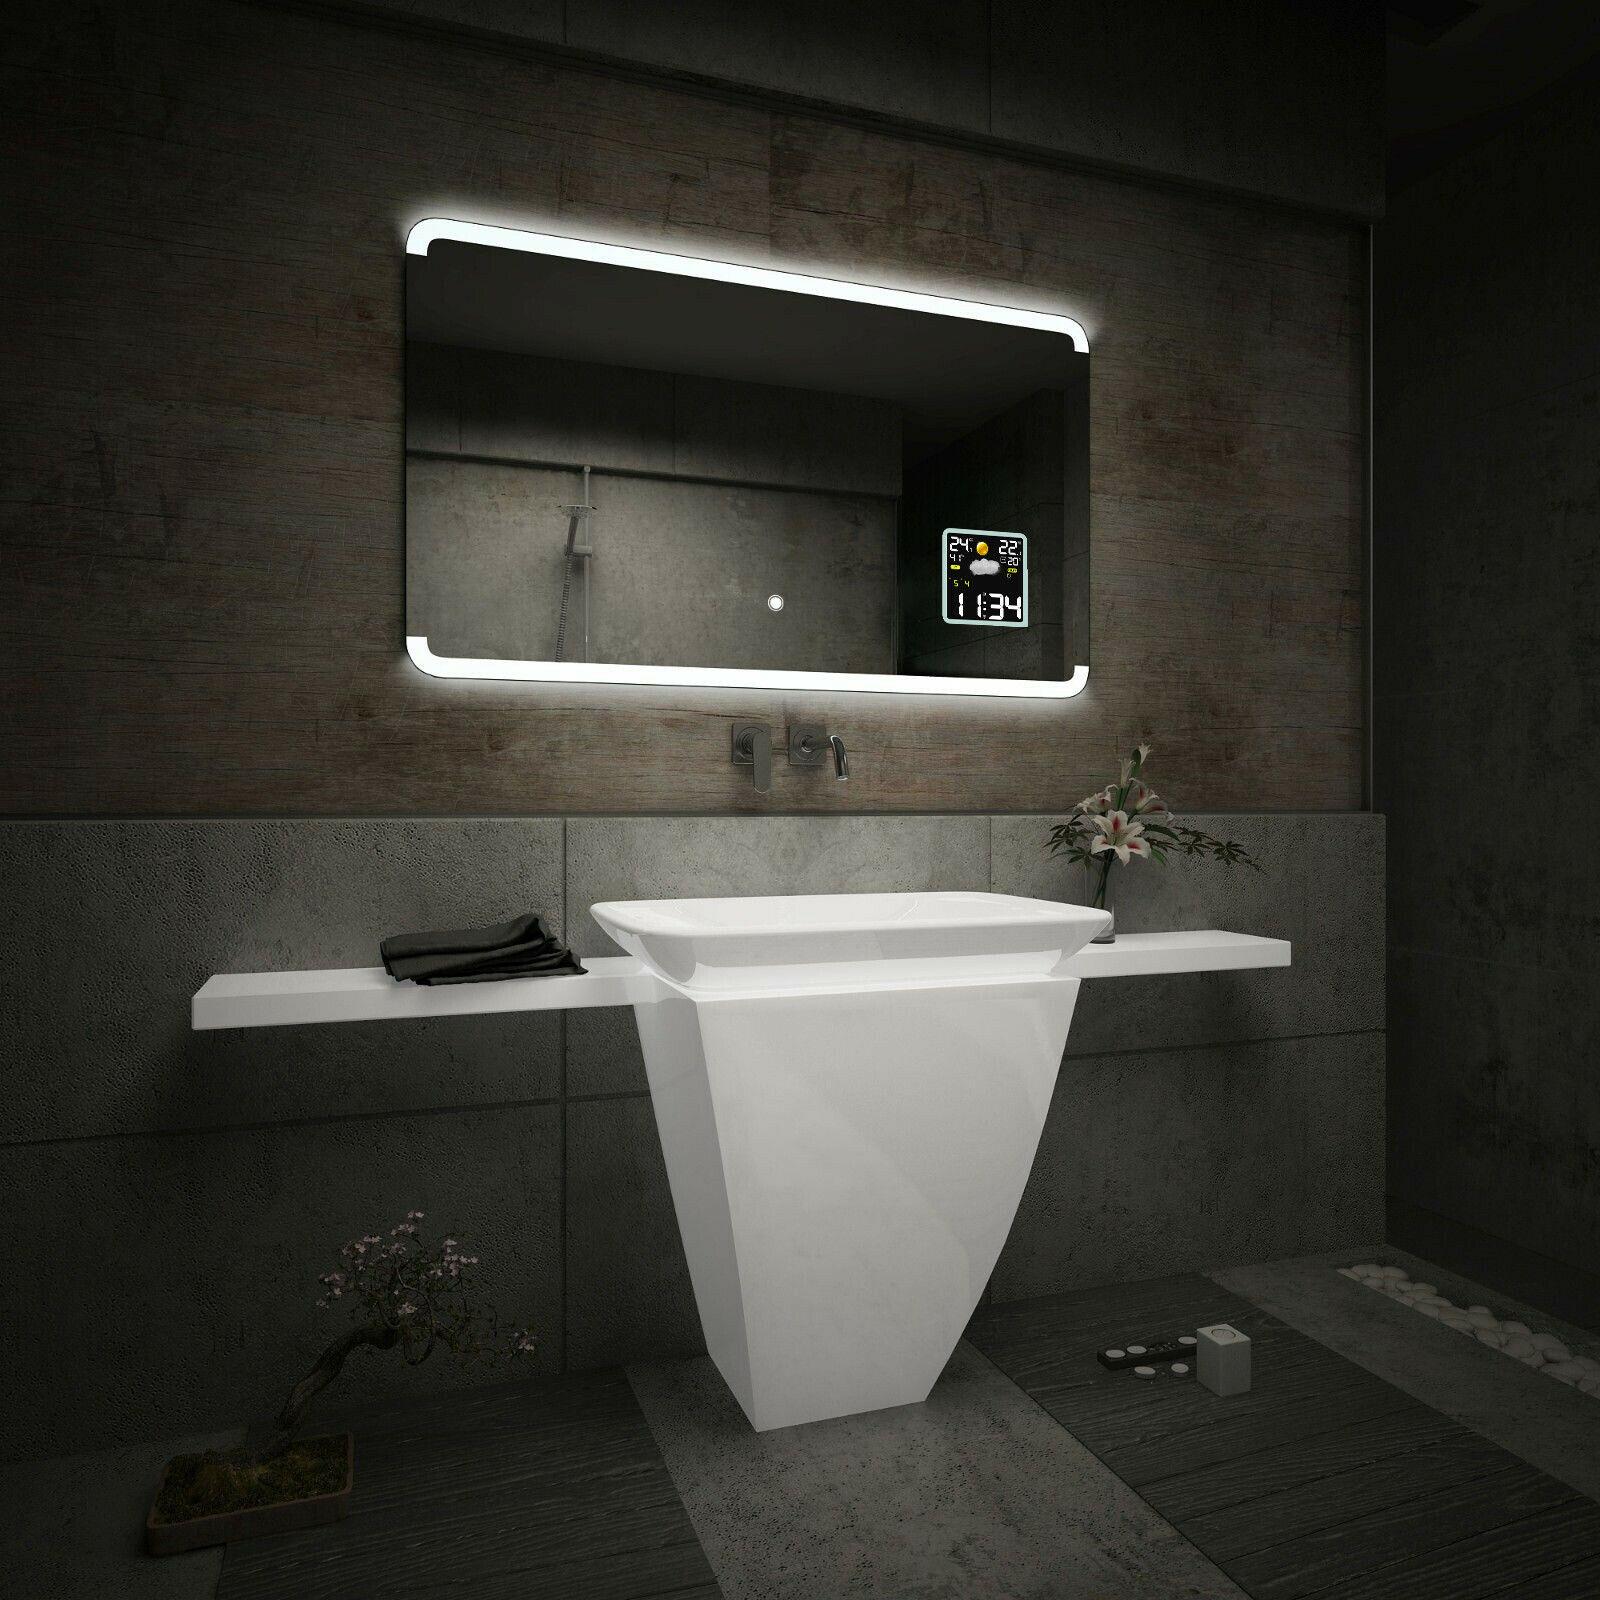 Espejo de ba o con la iluminaci n led estaci n - Iluminacion espejos de bano ...